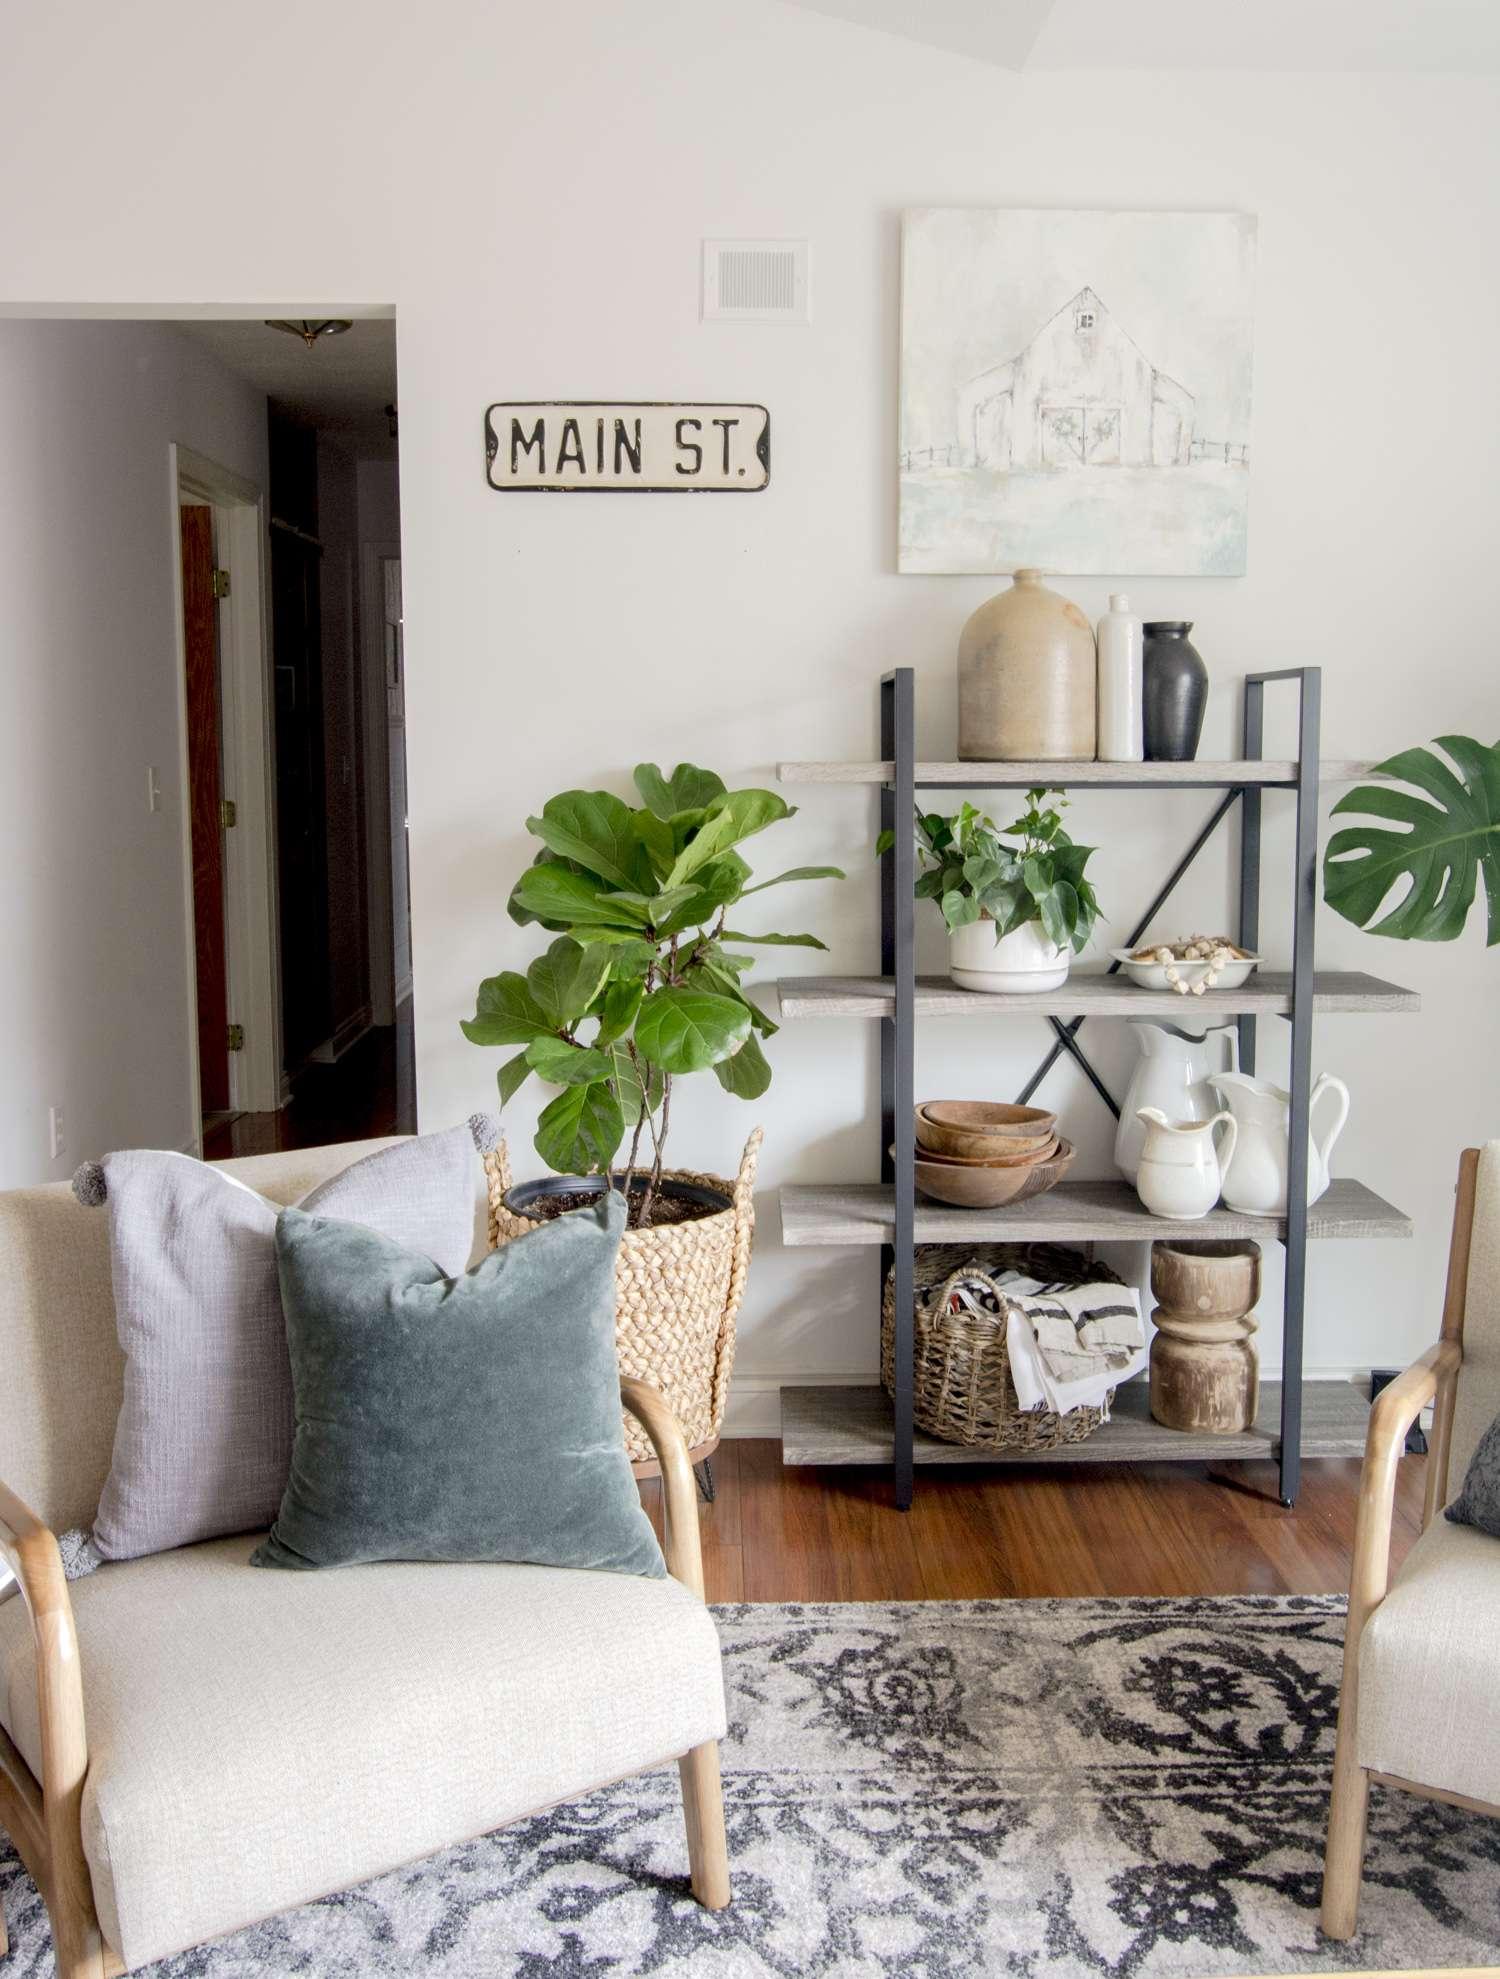 Living room shelf decor.